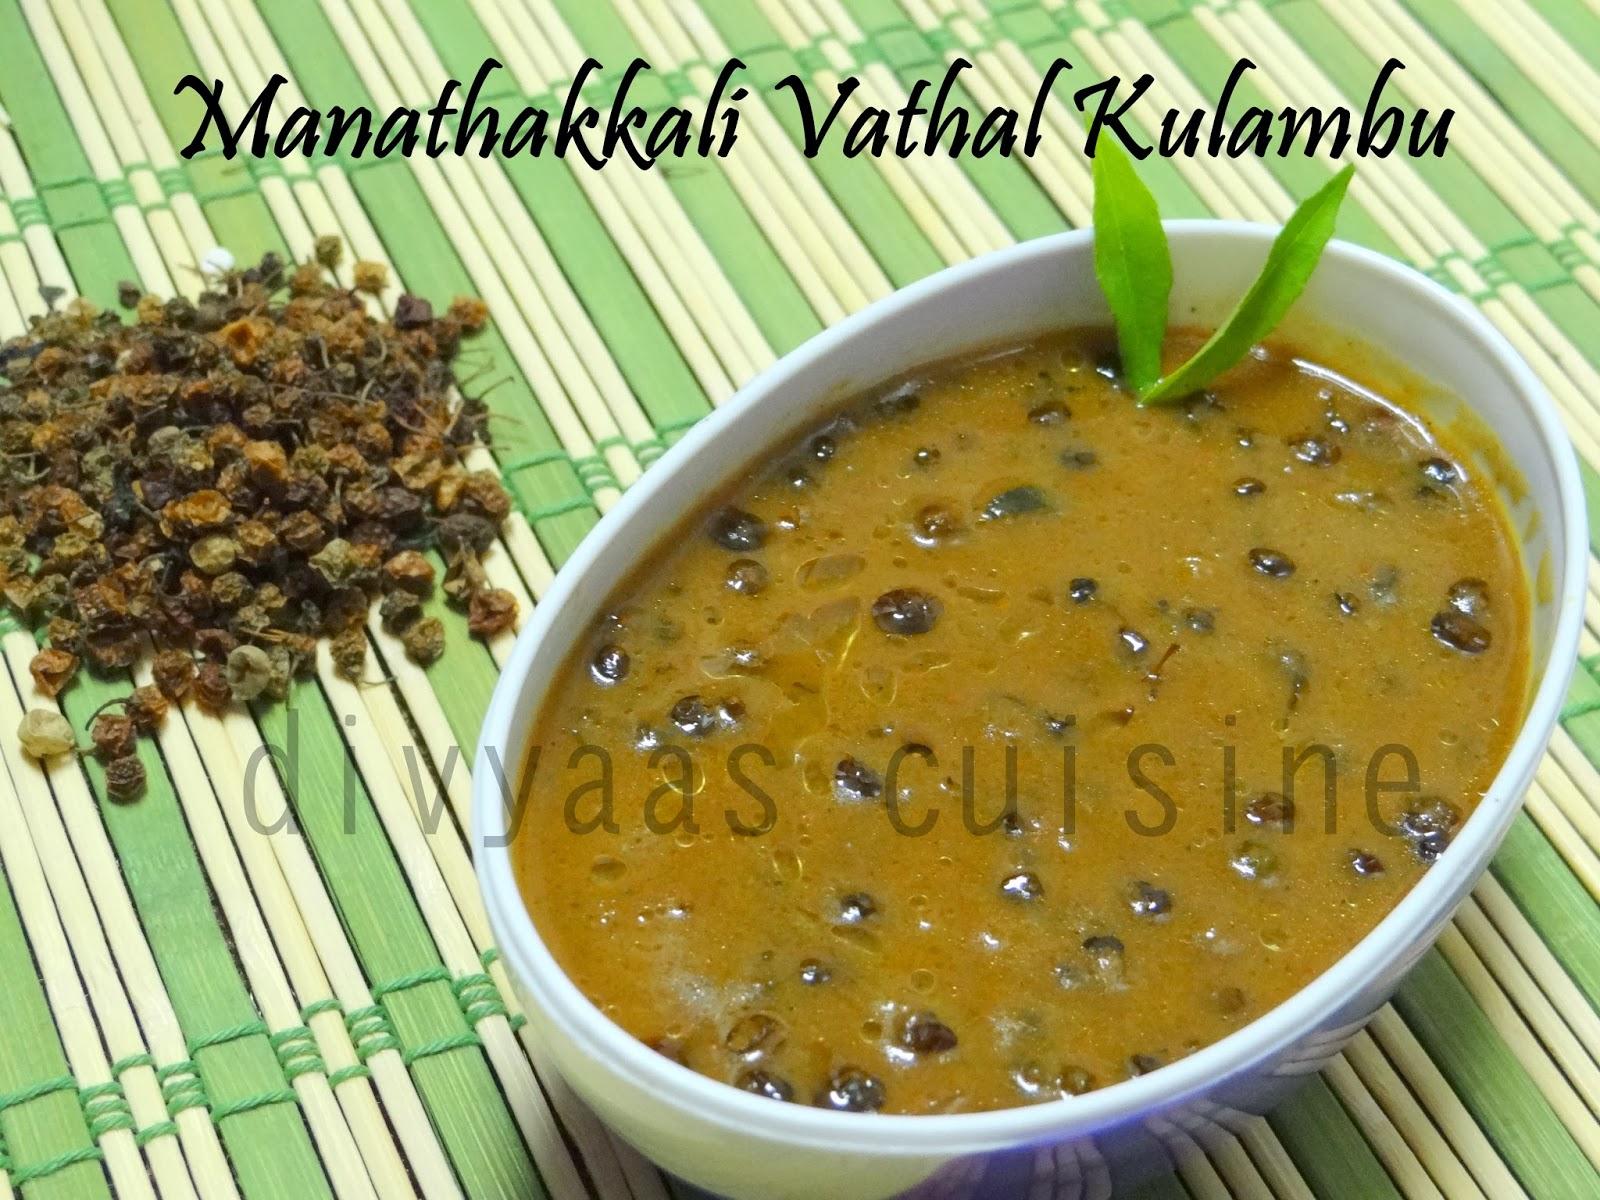 Manathakkali Vathal Kulambu / Kuzhambu